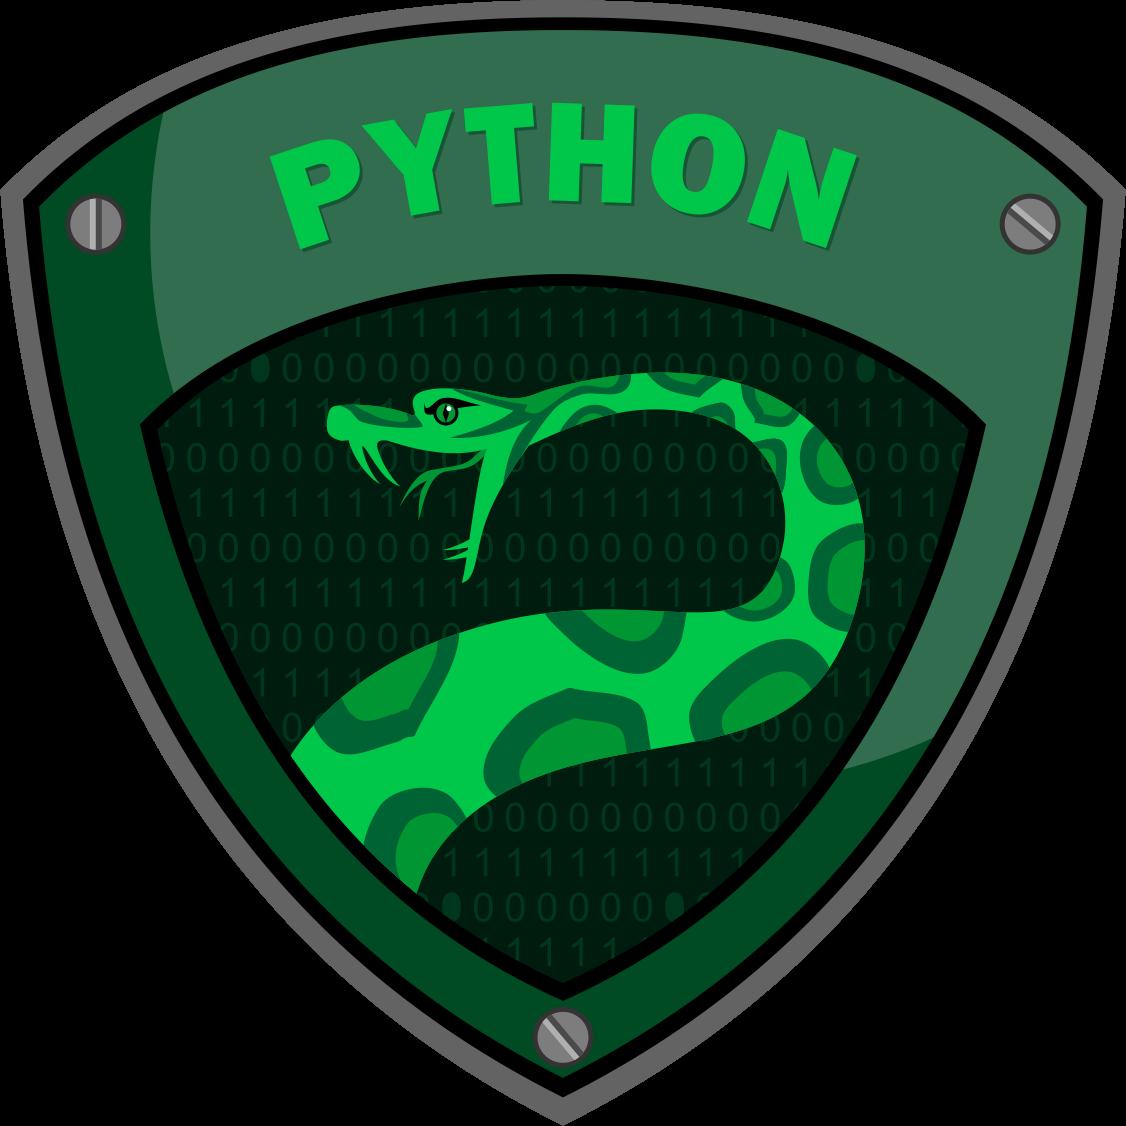 Python el rey del lado del hacking como crear un keylogger astrodroide - Librerias python ...